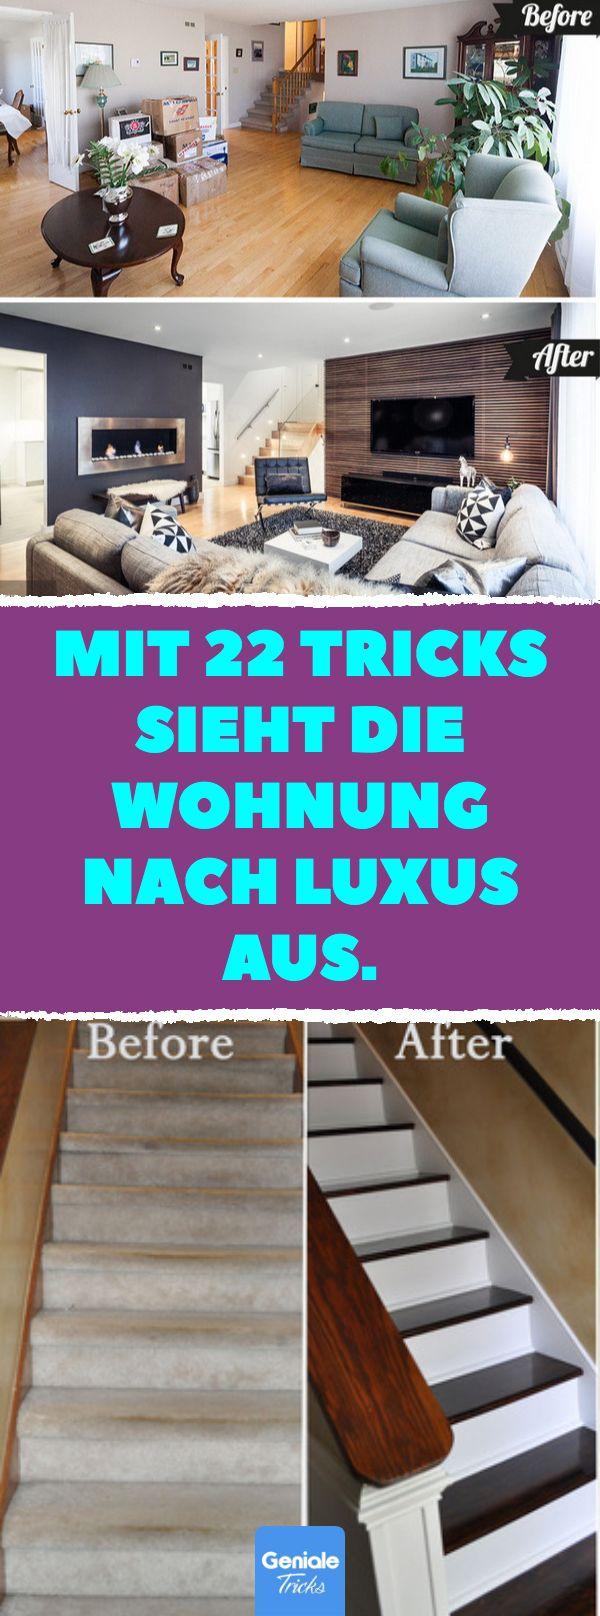 Mit 22 Tricks sieht die Wohnung nach Luxus aus.